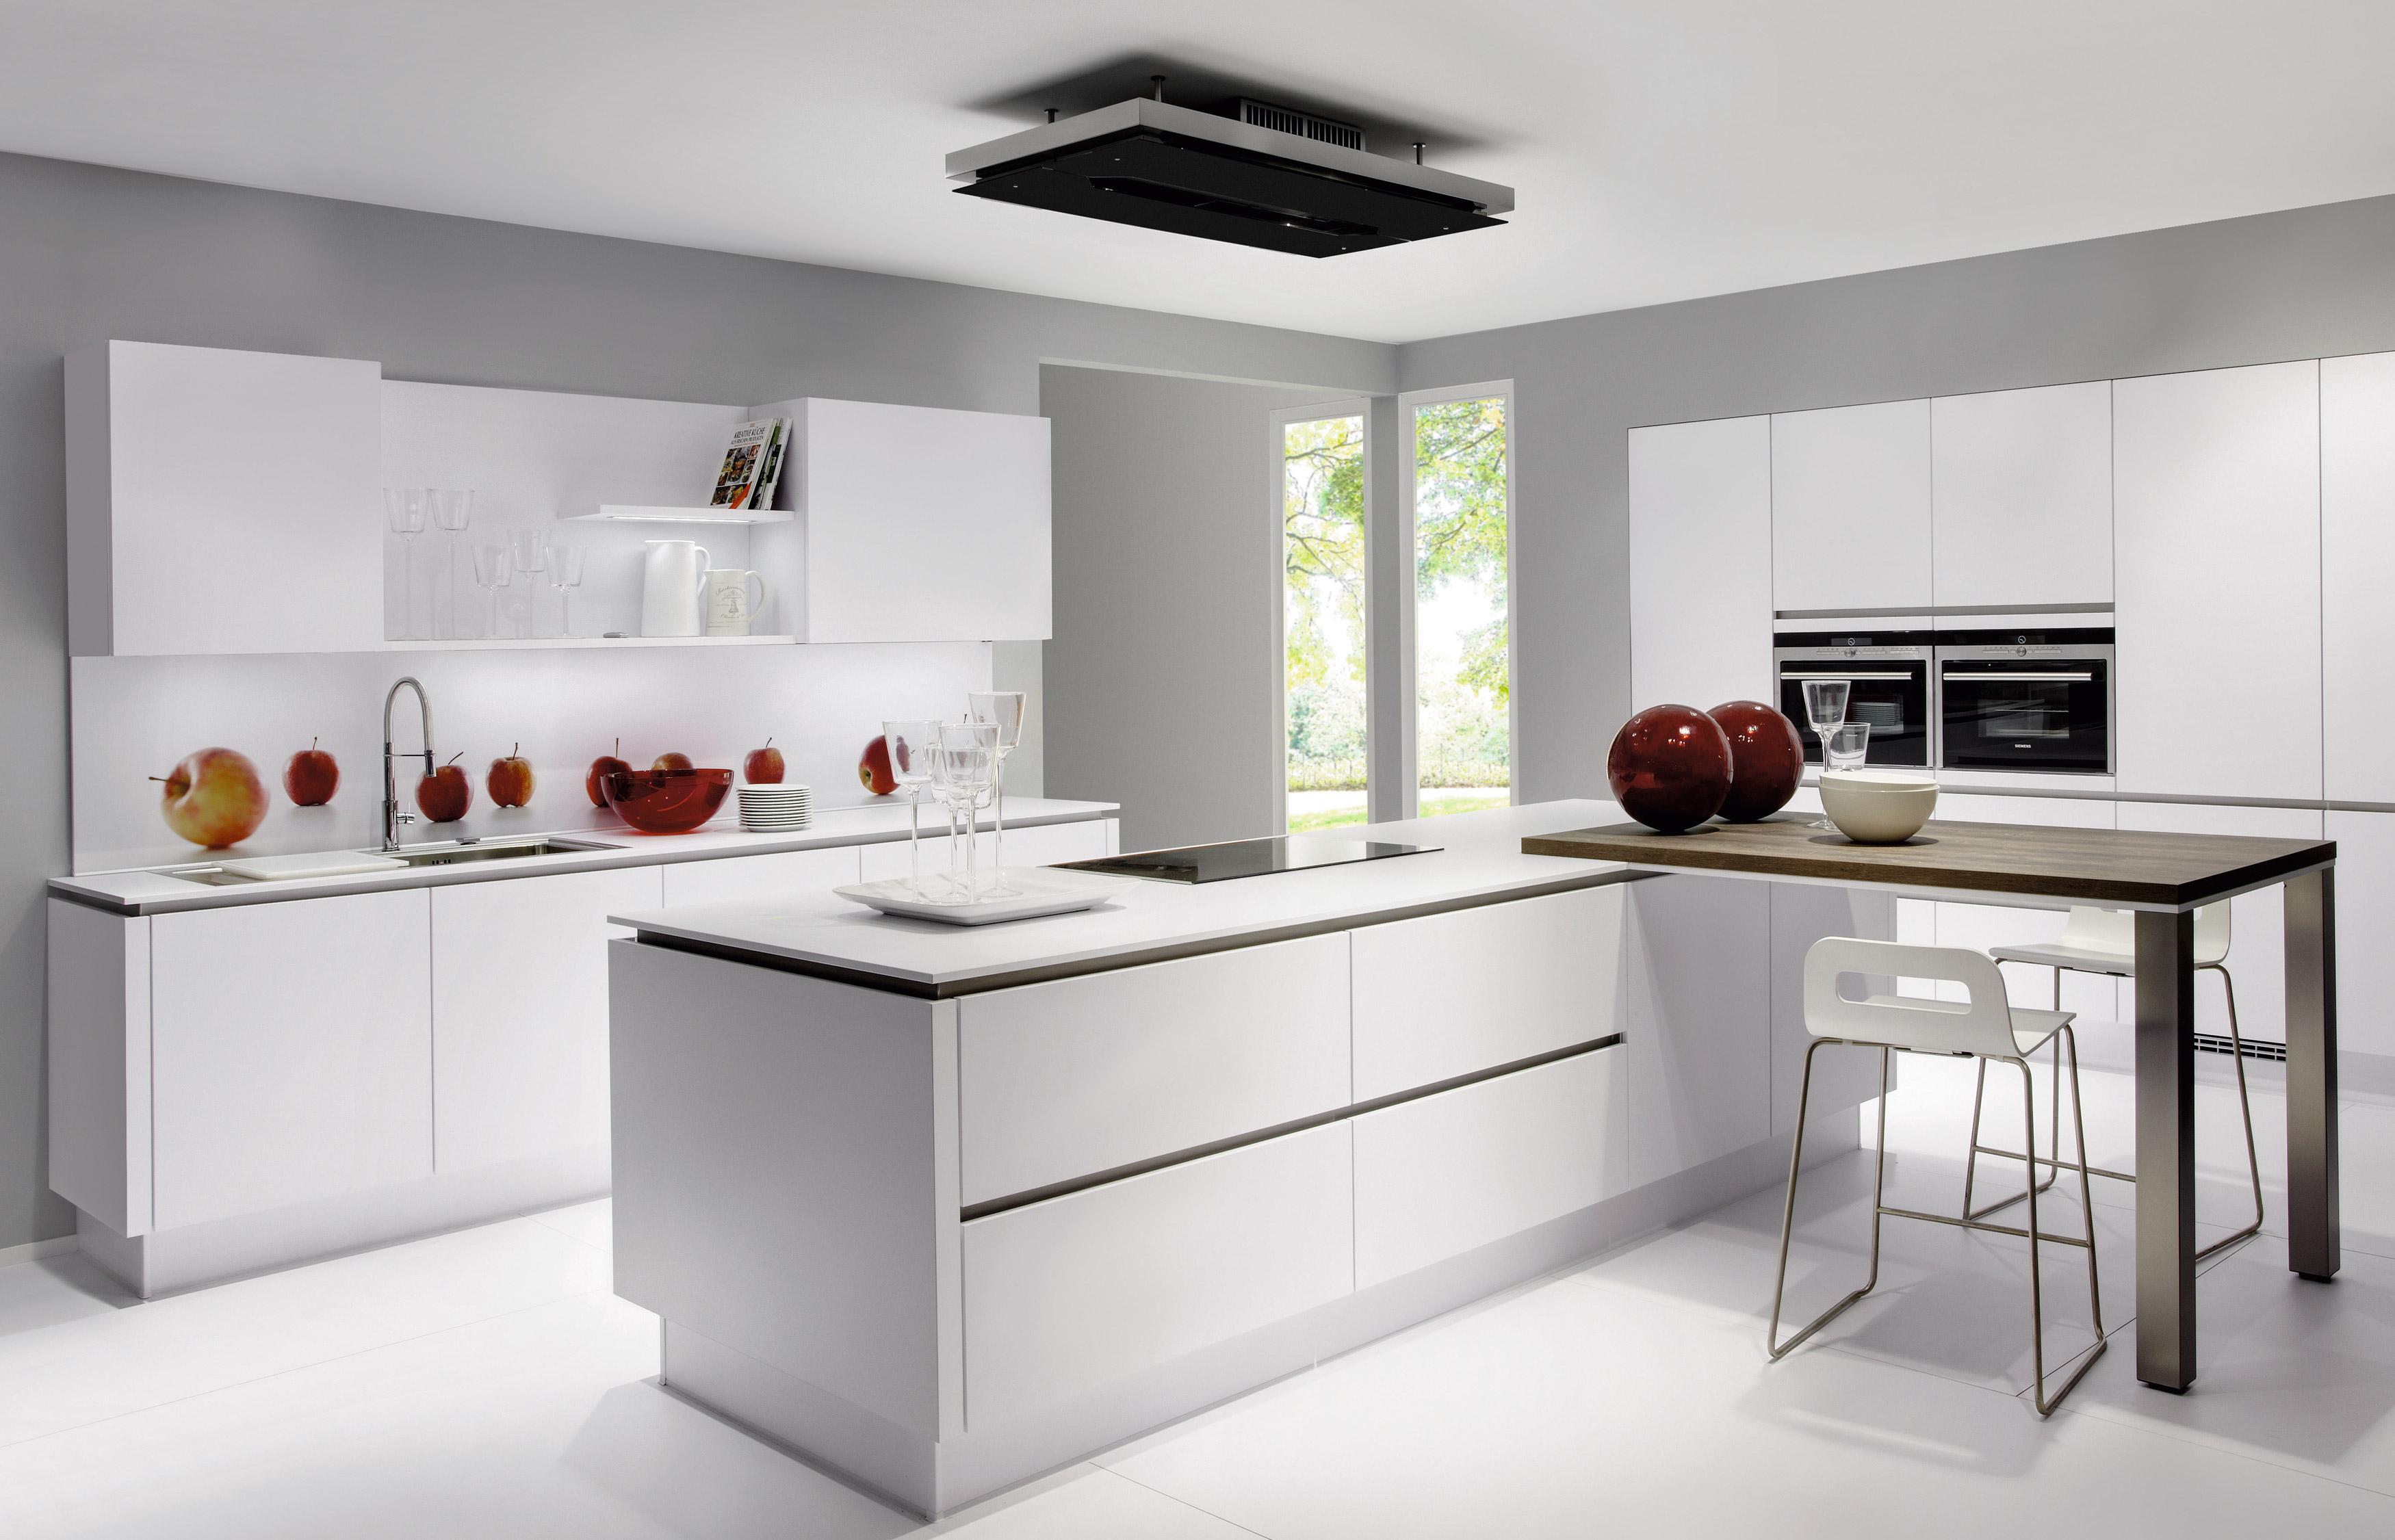 Diseo y decoracin de cocinas modernas  Decoracion de